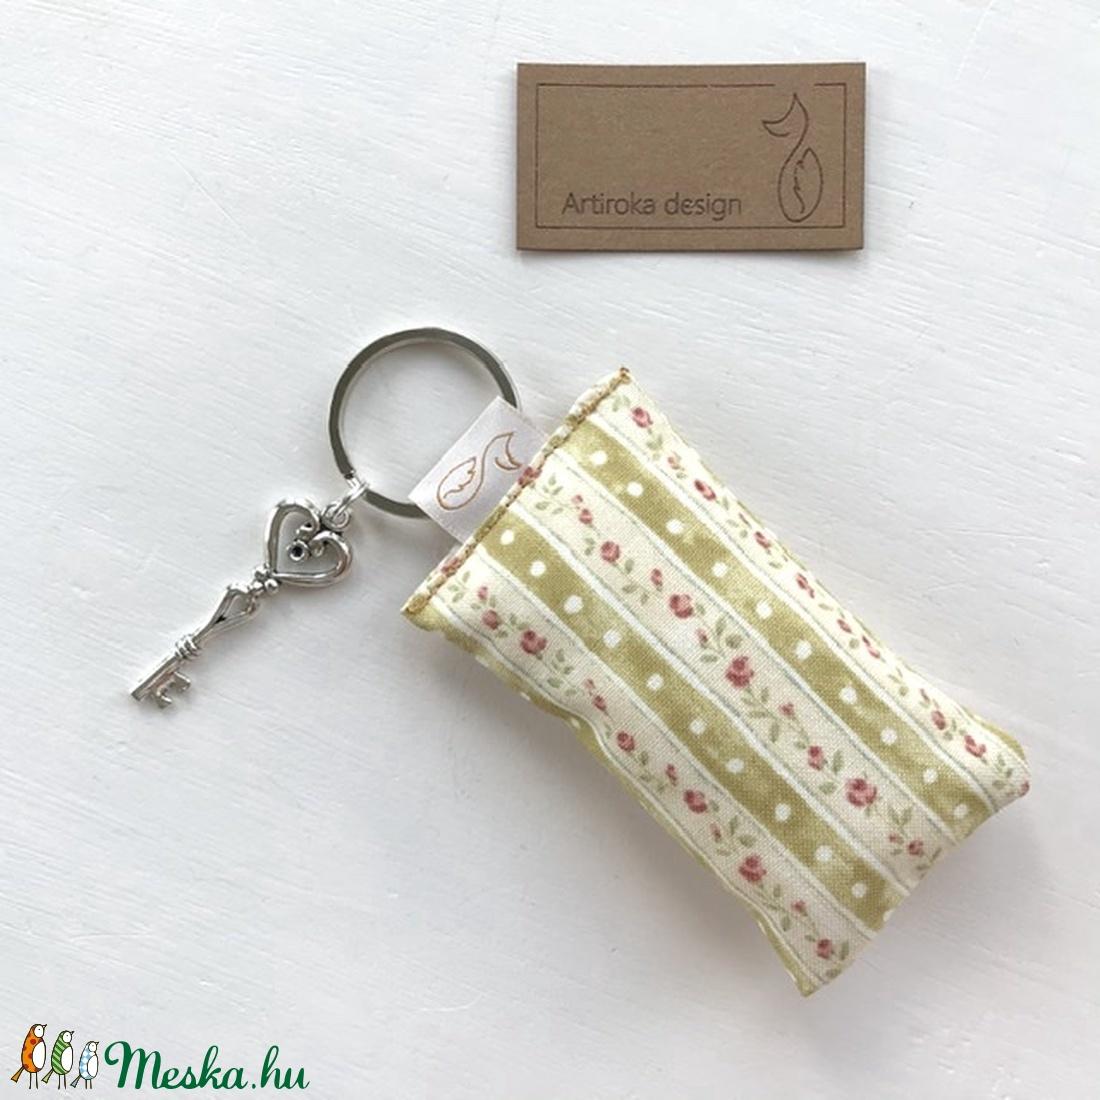 Rózsás kulcstartó kis vintage kulccsal  - Artiroka design  - Meska.hu